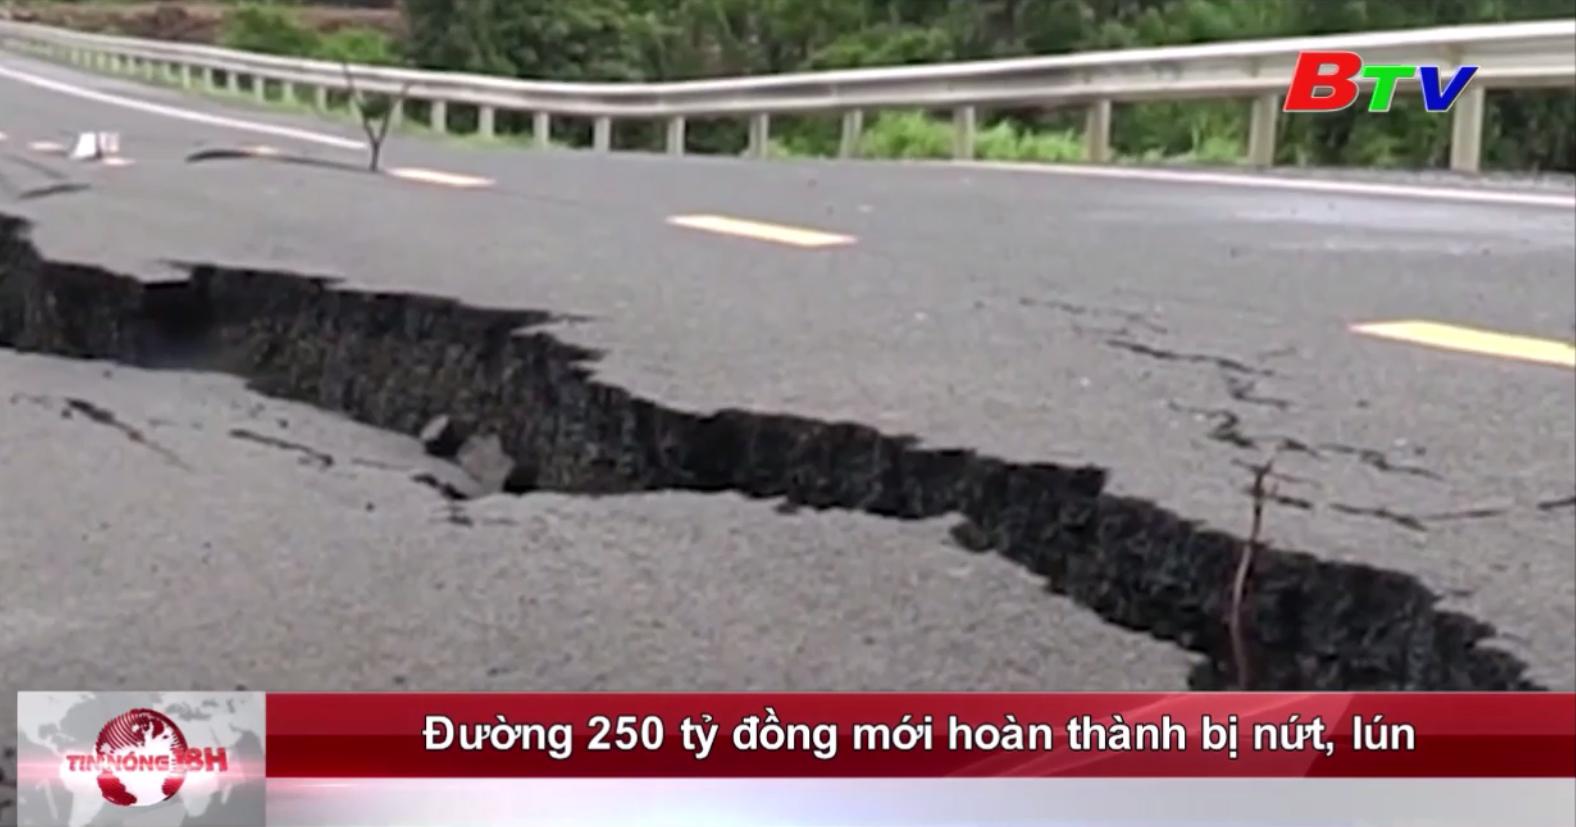 Đường 250 tỷ đồng mới hoàn thành bị nứt, lún